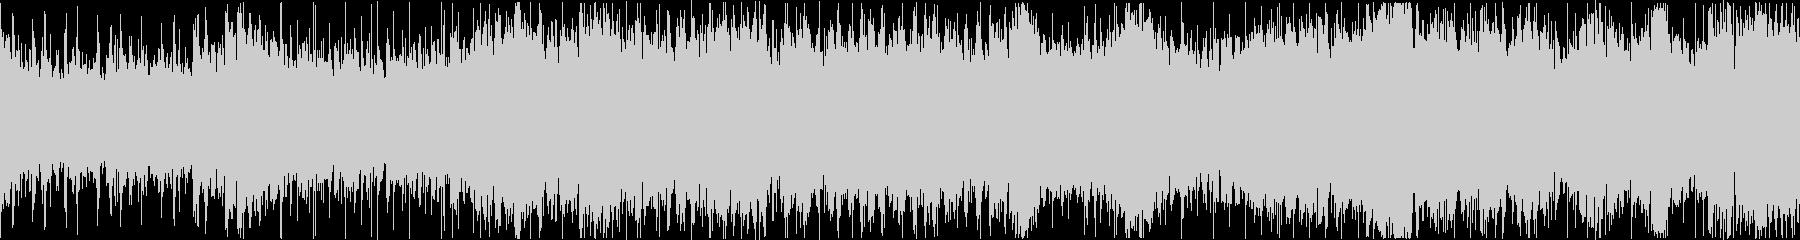 壮大なシネマティック戦闘曲(ループ)の未再生の波形